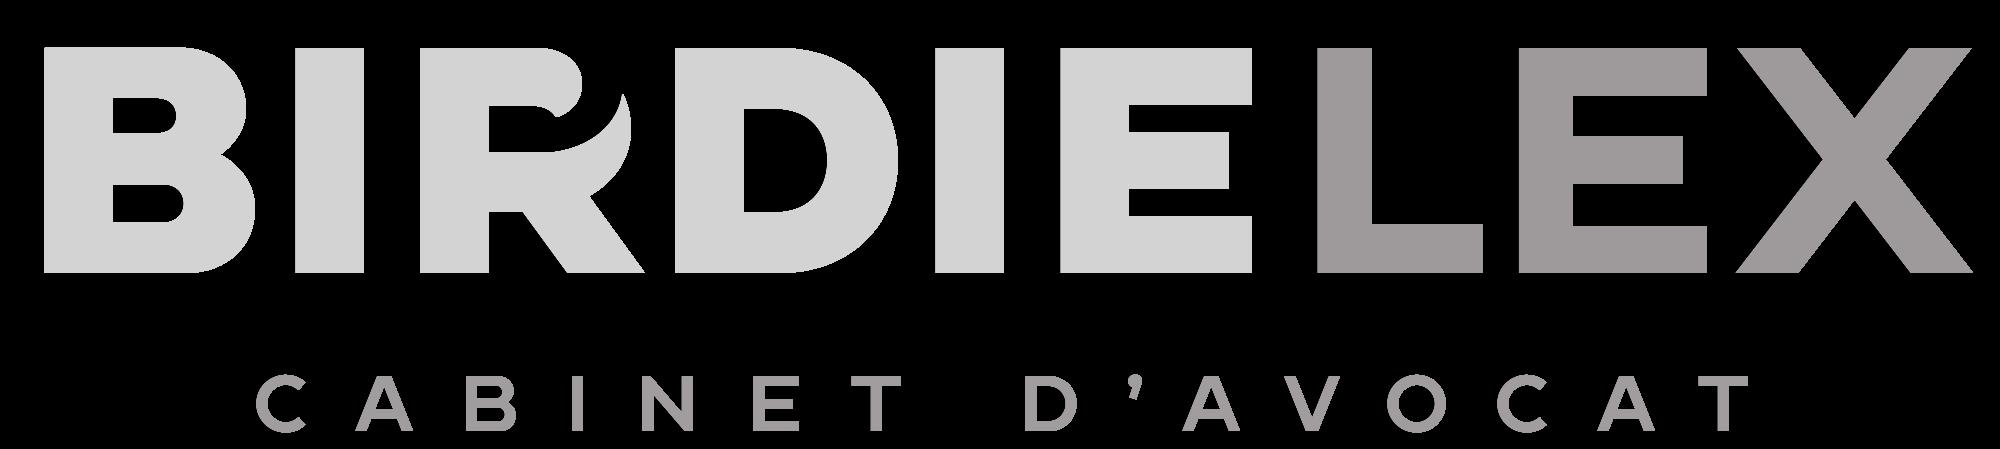 BIRDIELEX